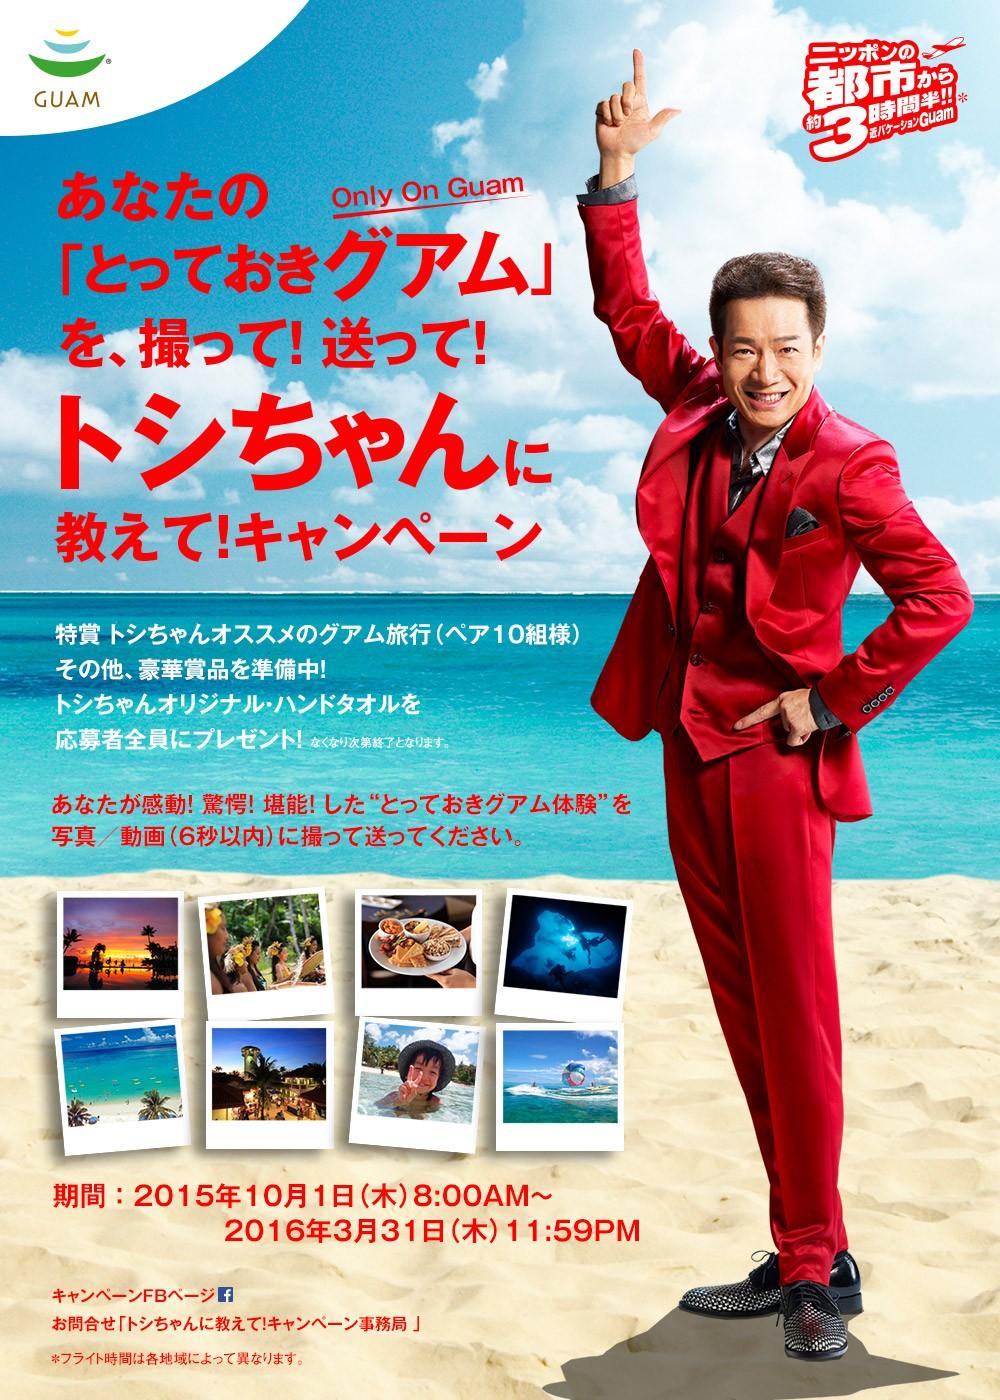 2015〜2016年 グアムの新キャンペーンキャラクターに田原俊彦さん